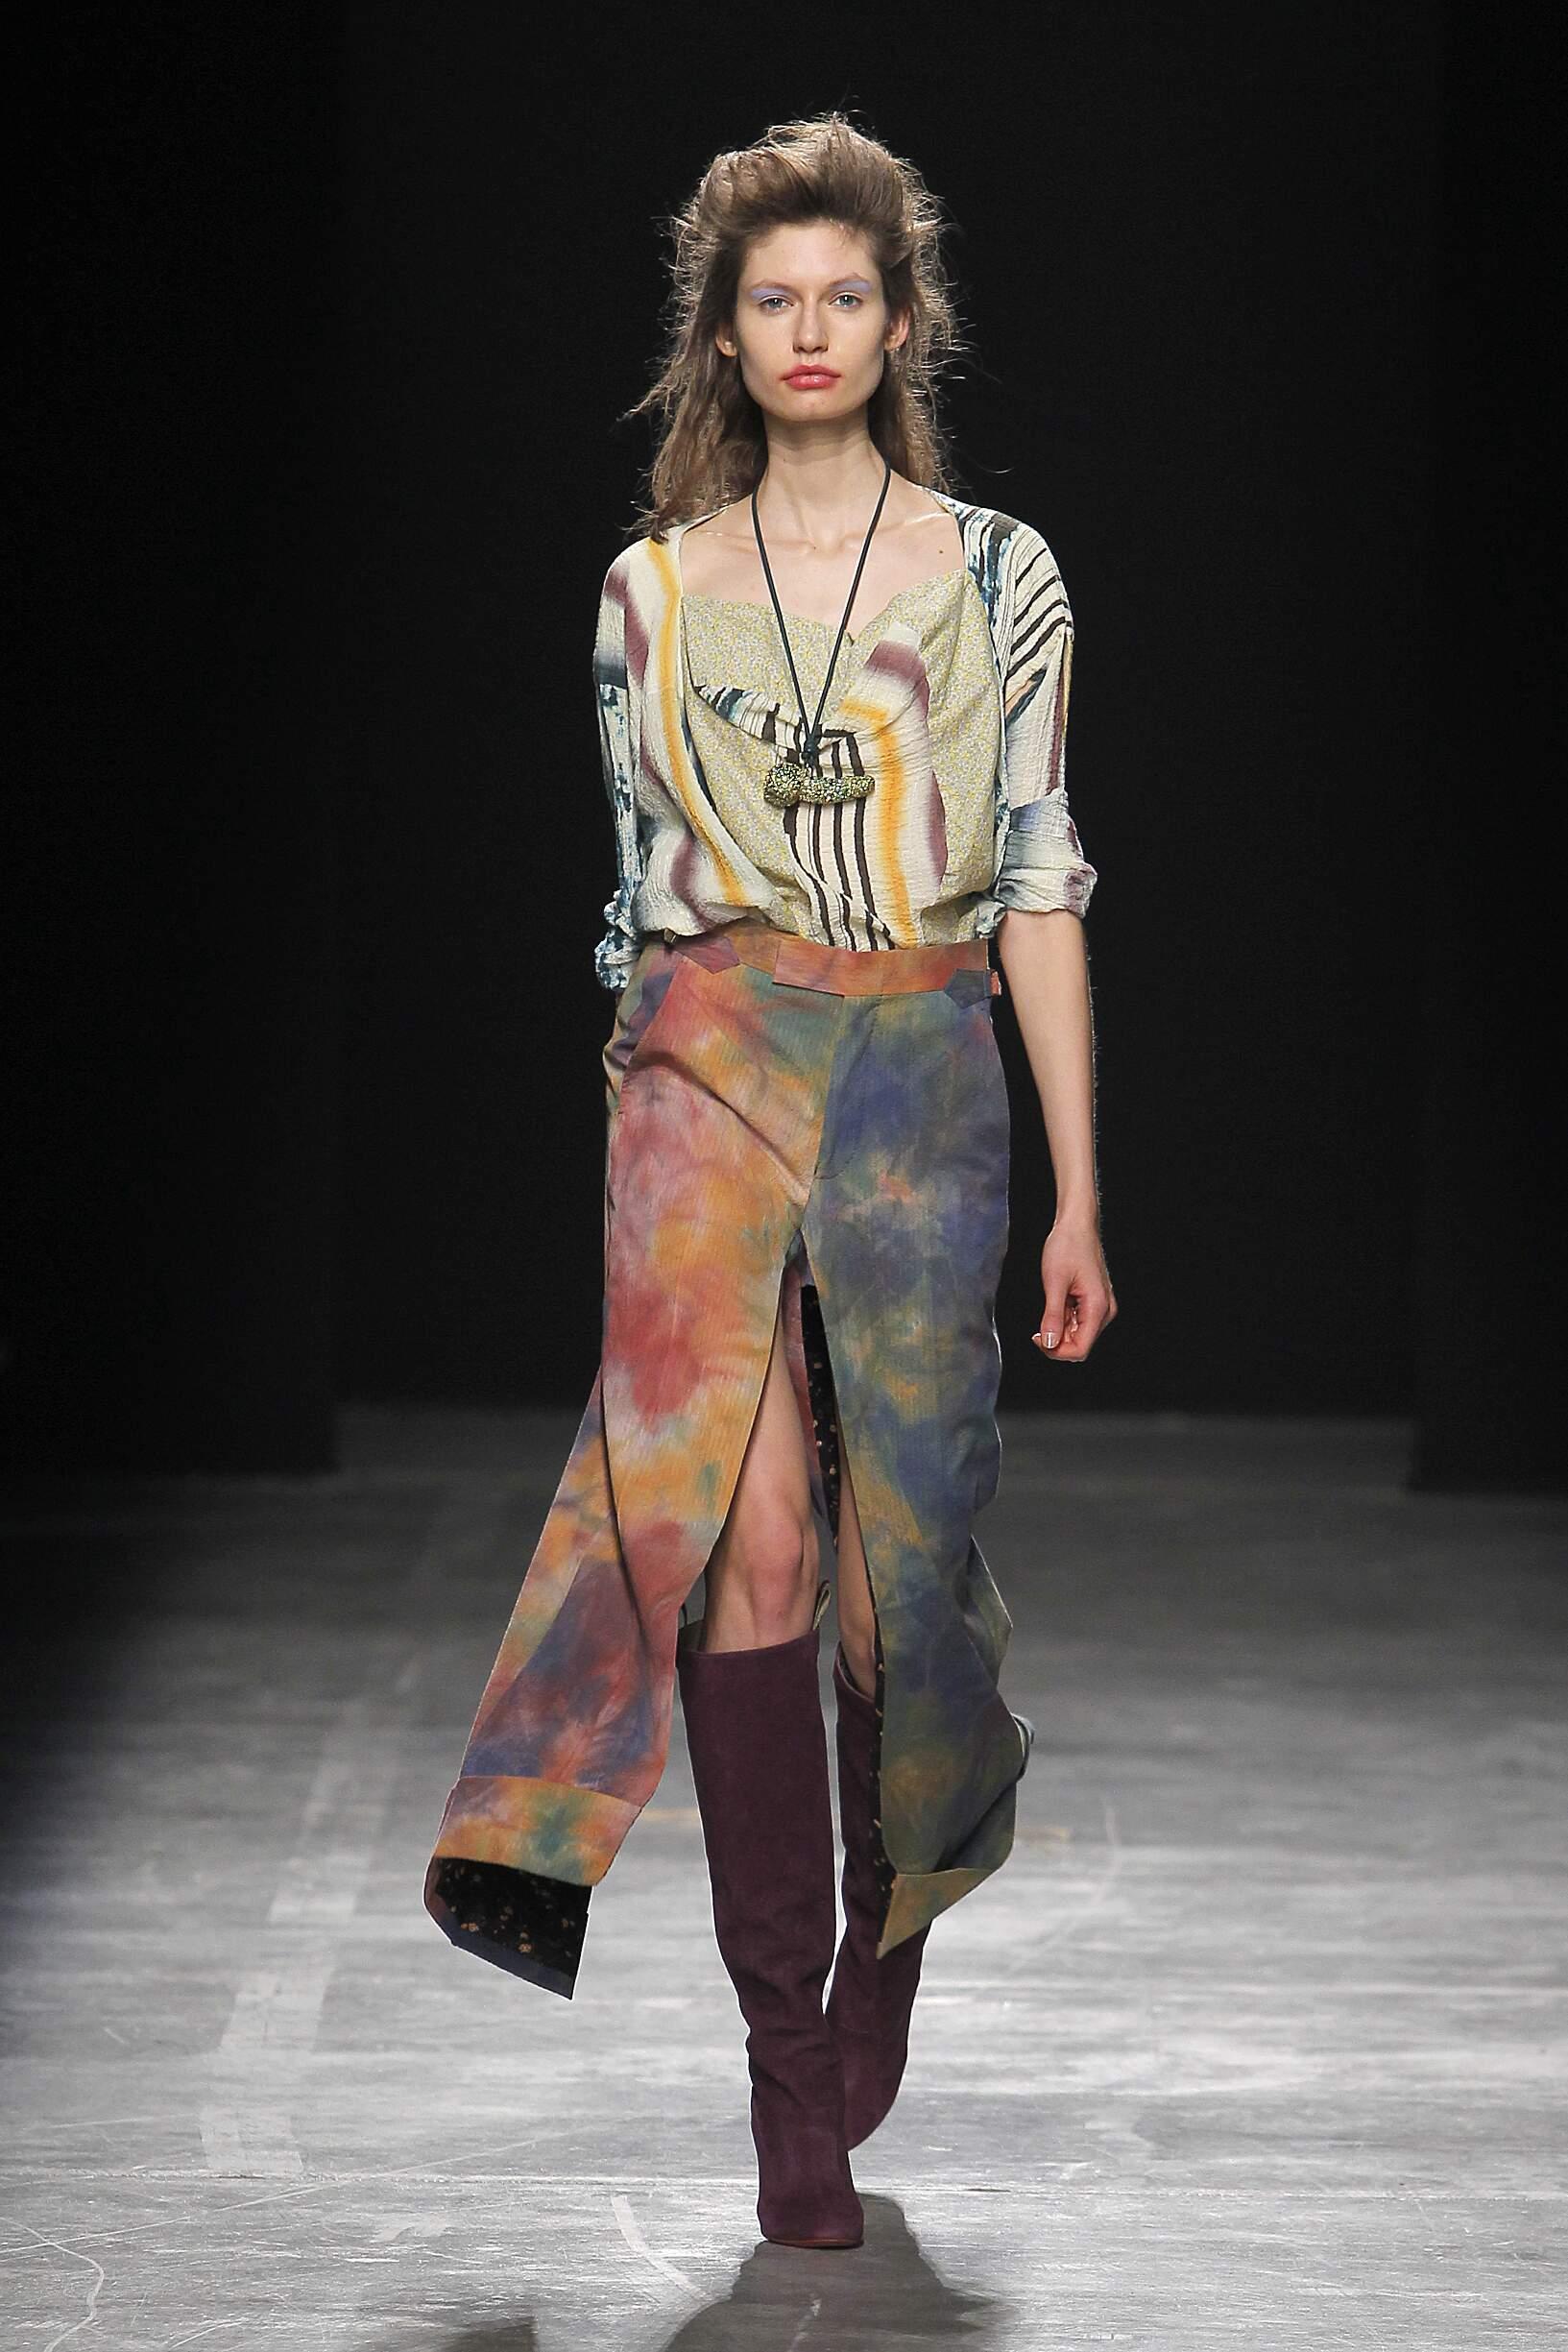 Spring Fashion 2017 Andreas Kronthaler for Vivienne Westwood